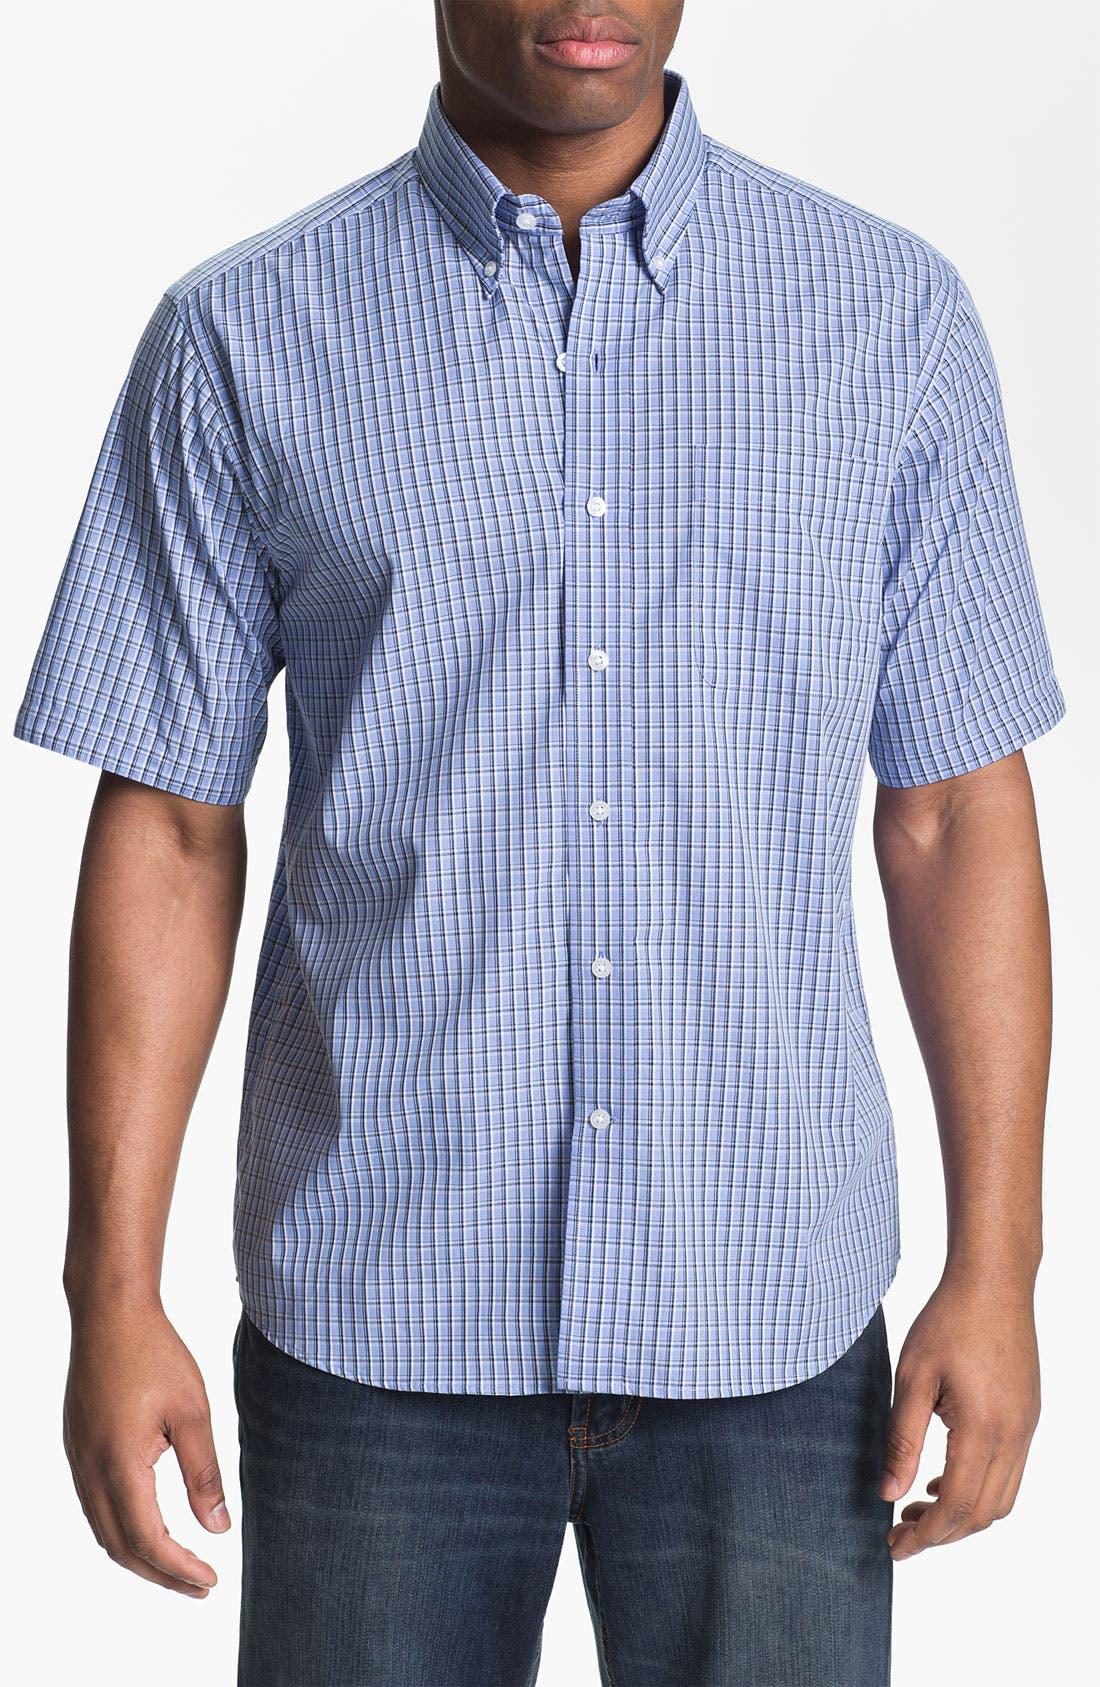 Main Image - Cutter & Buck 'Sunset Hill' Check Sport Shirt (Big & Tall) (Online Only)